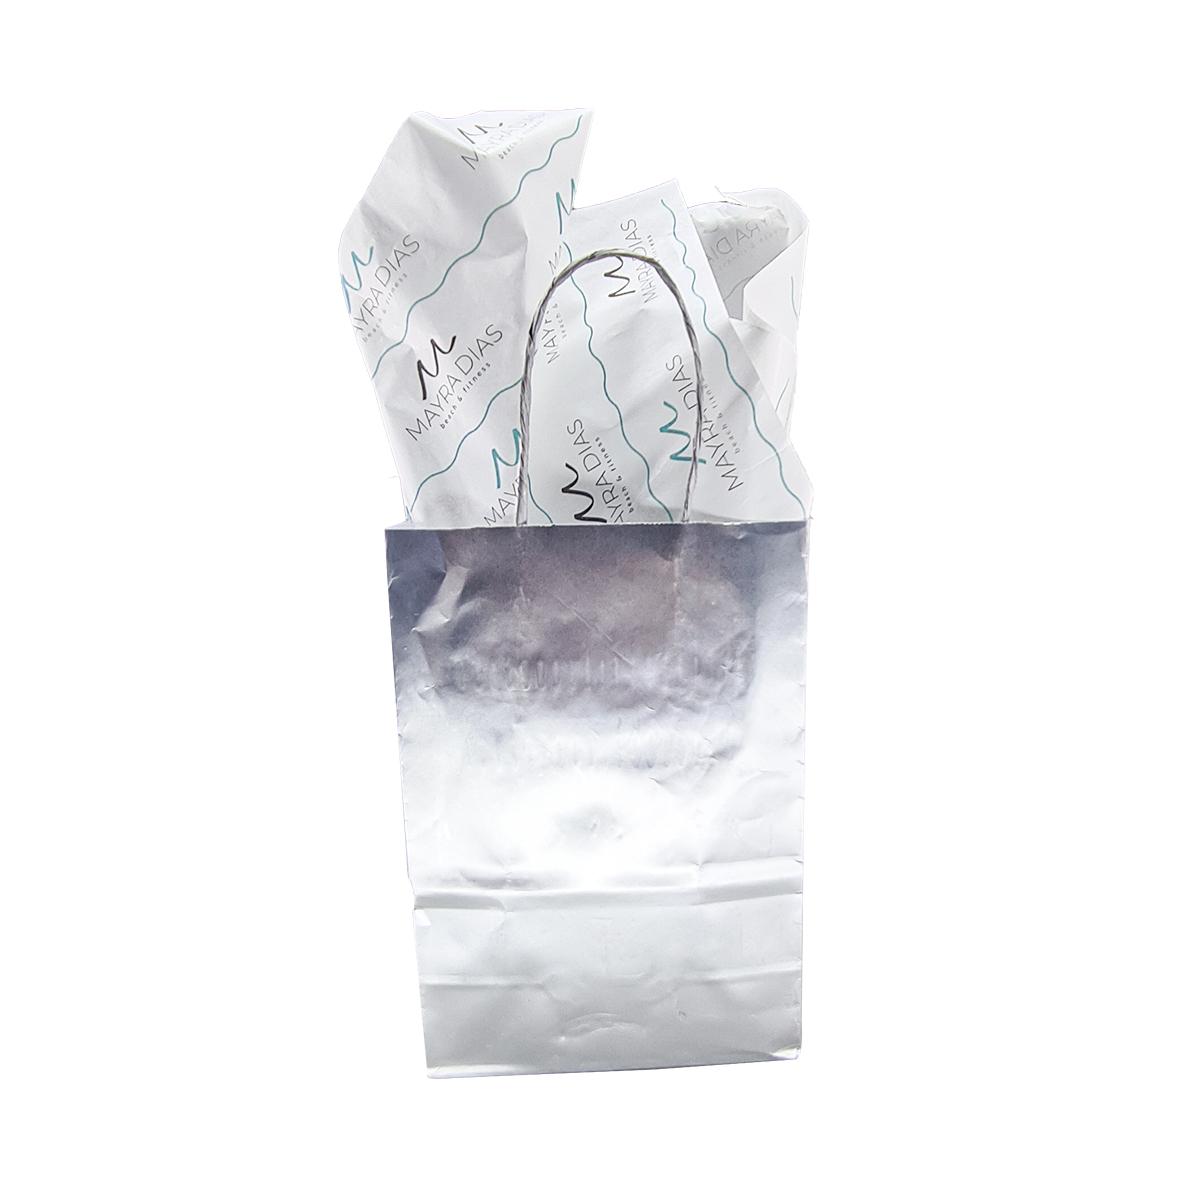 Papel de Seda Personalizado 20g/m - Tamanho 50 x 70  - Linha paper 1206  - Litex Embalagens